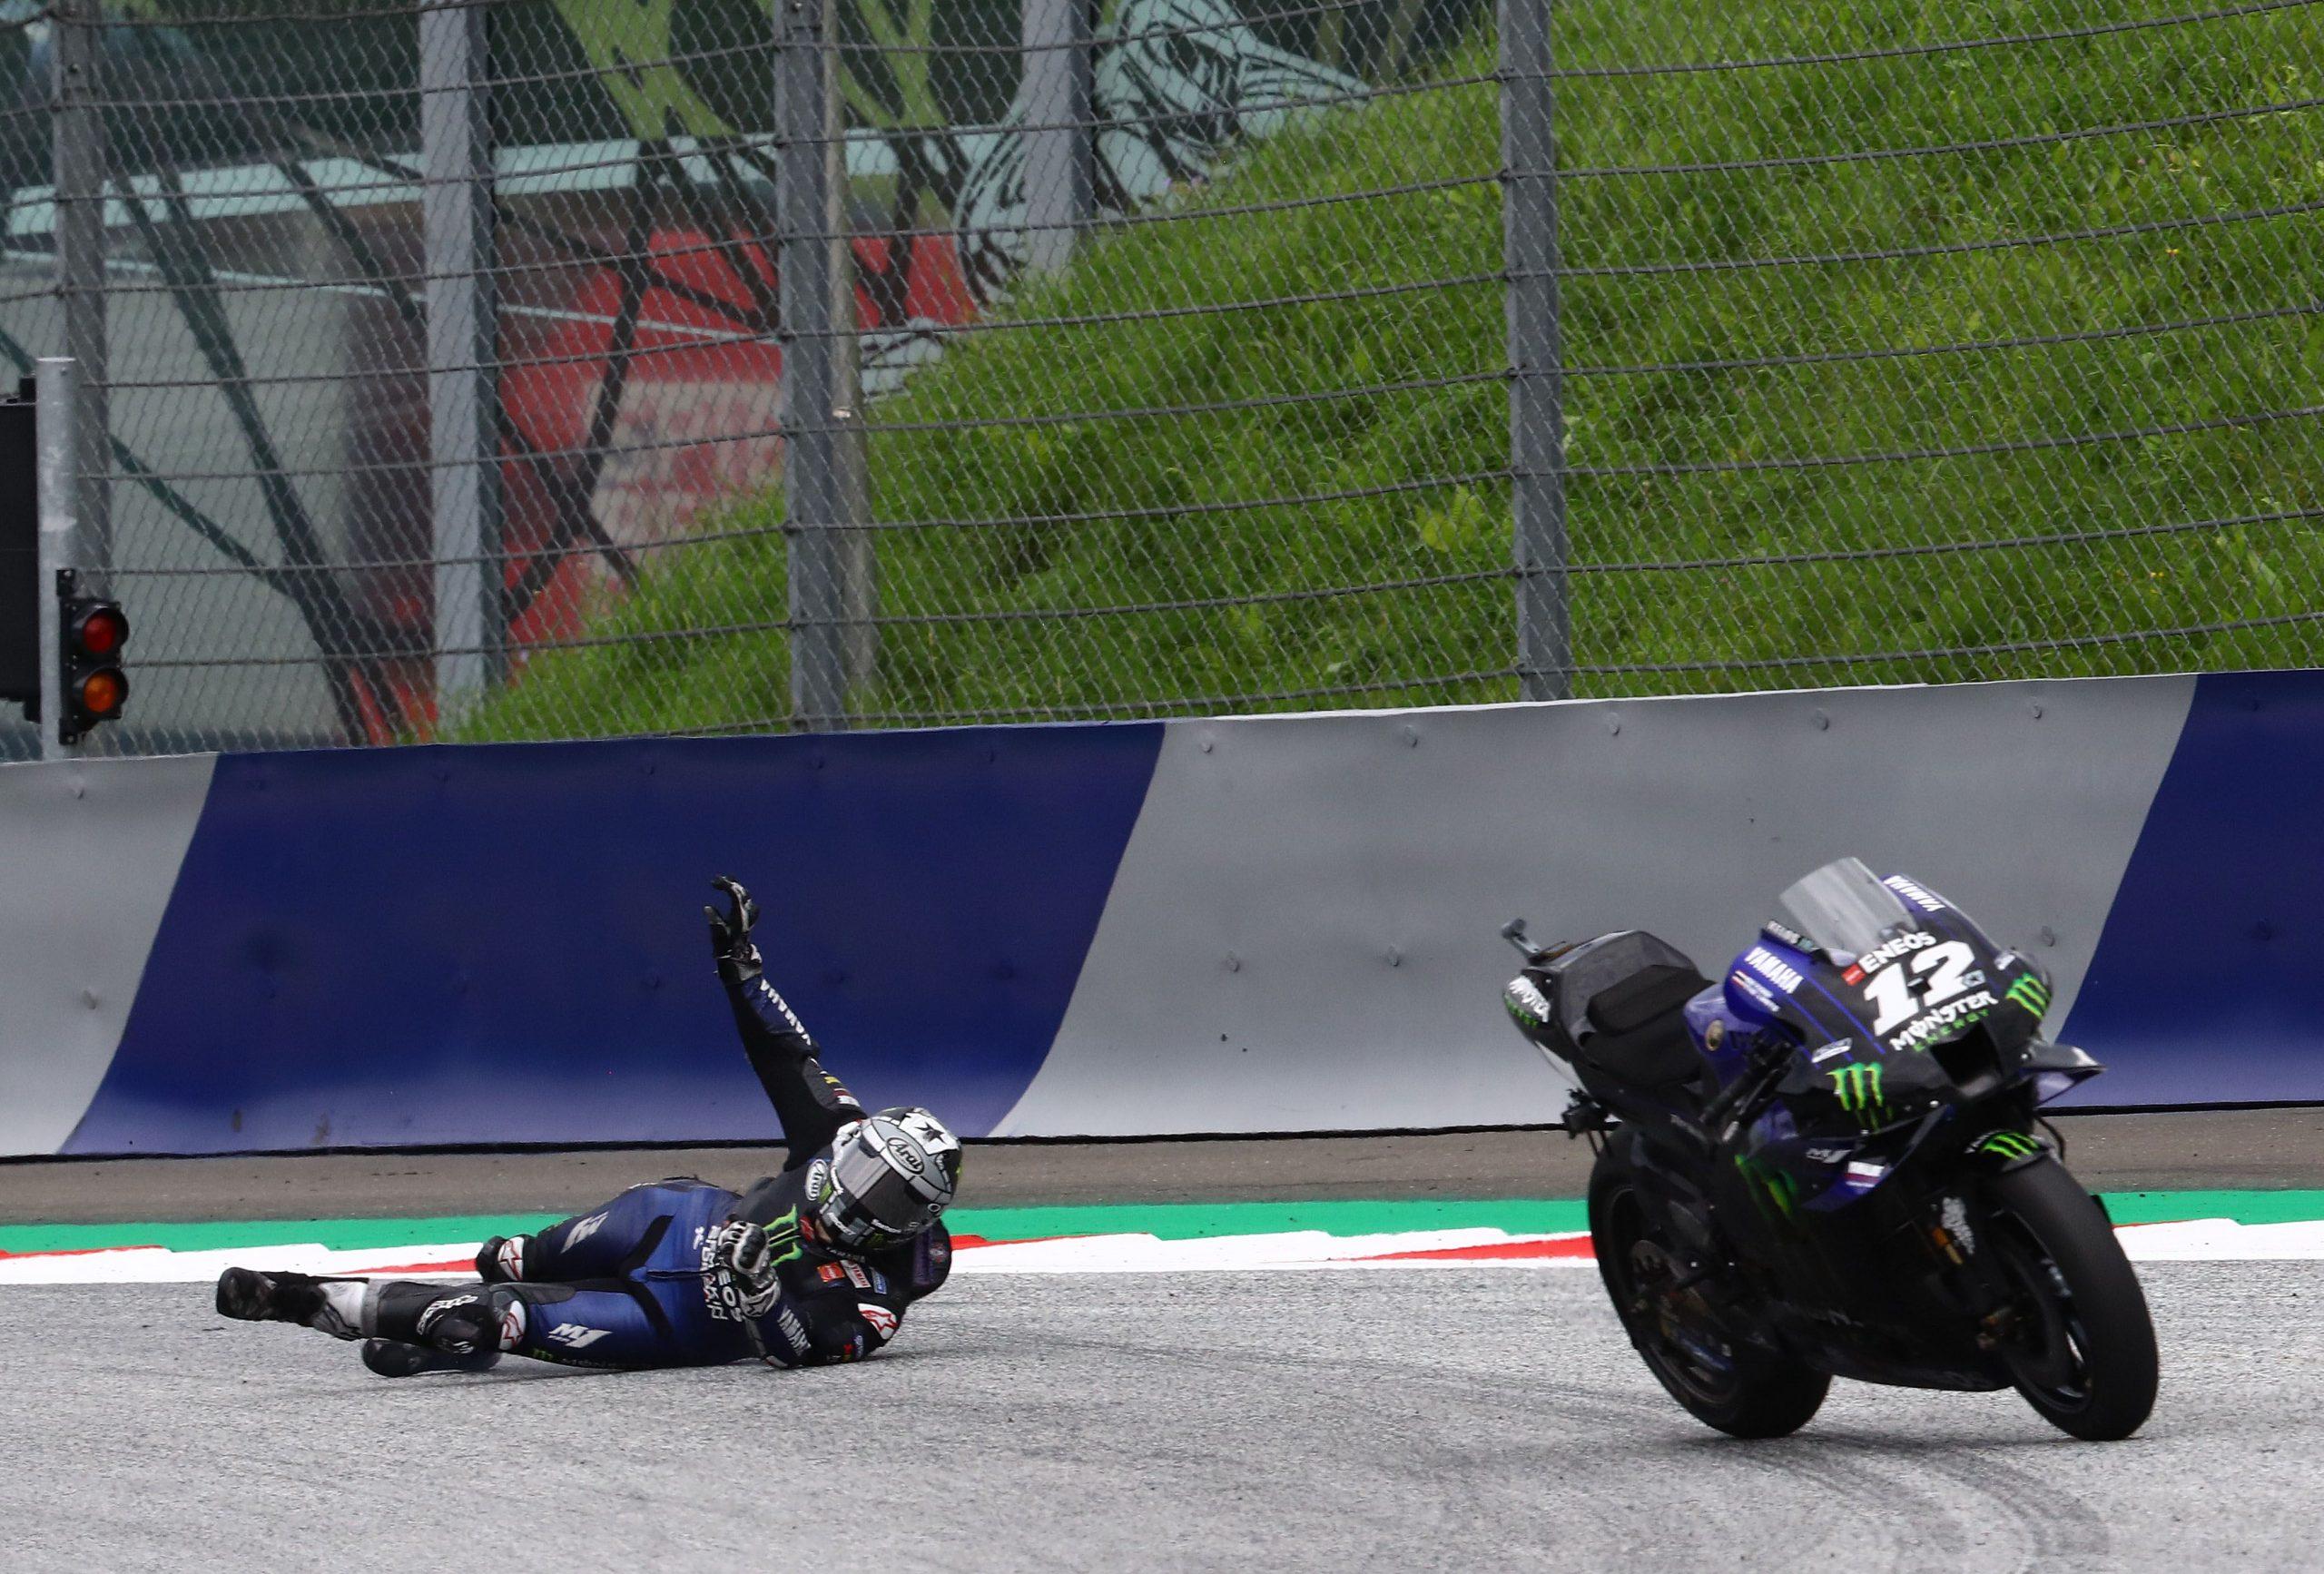 Viñales se queda sin frenos y se tira; Oliveira gana - Puro Motor